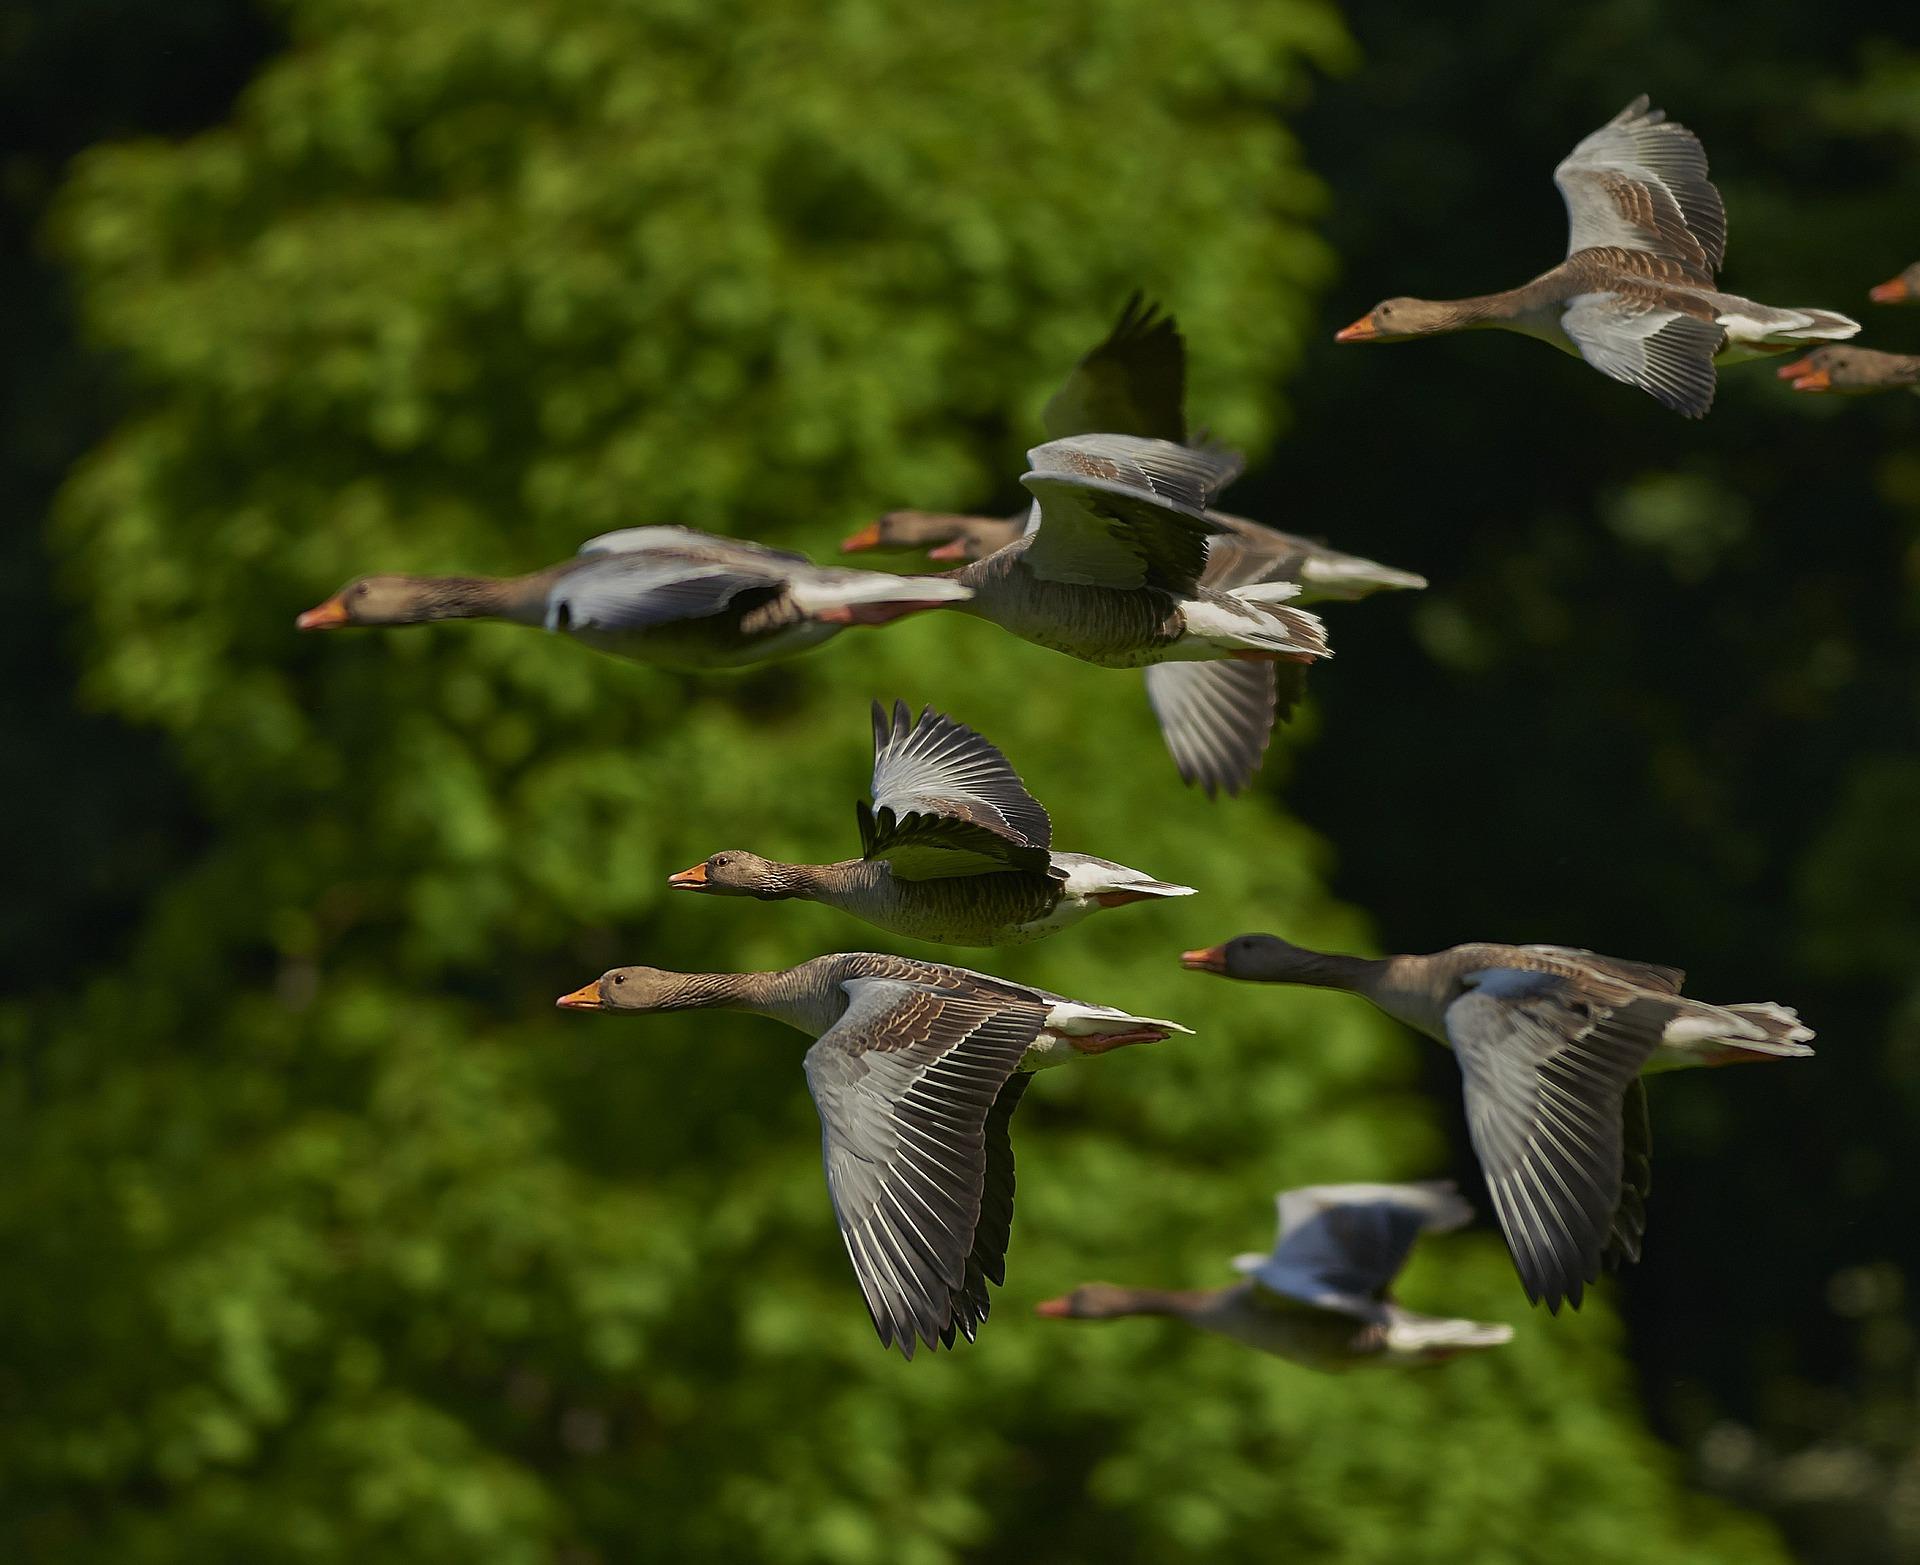 Mintegy nyolcmilliárd madár vándorol az Egyesült Államok légterében